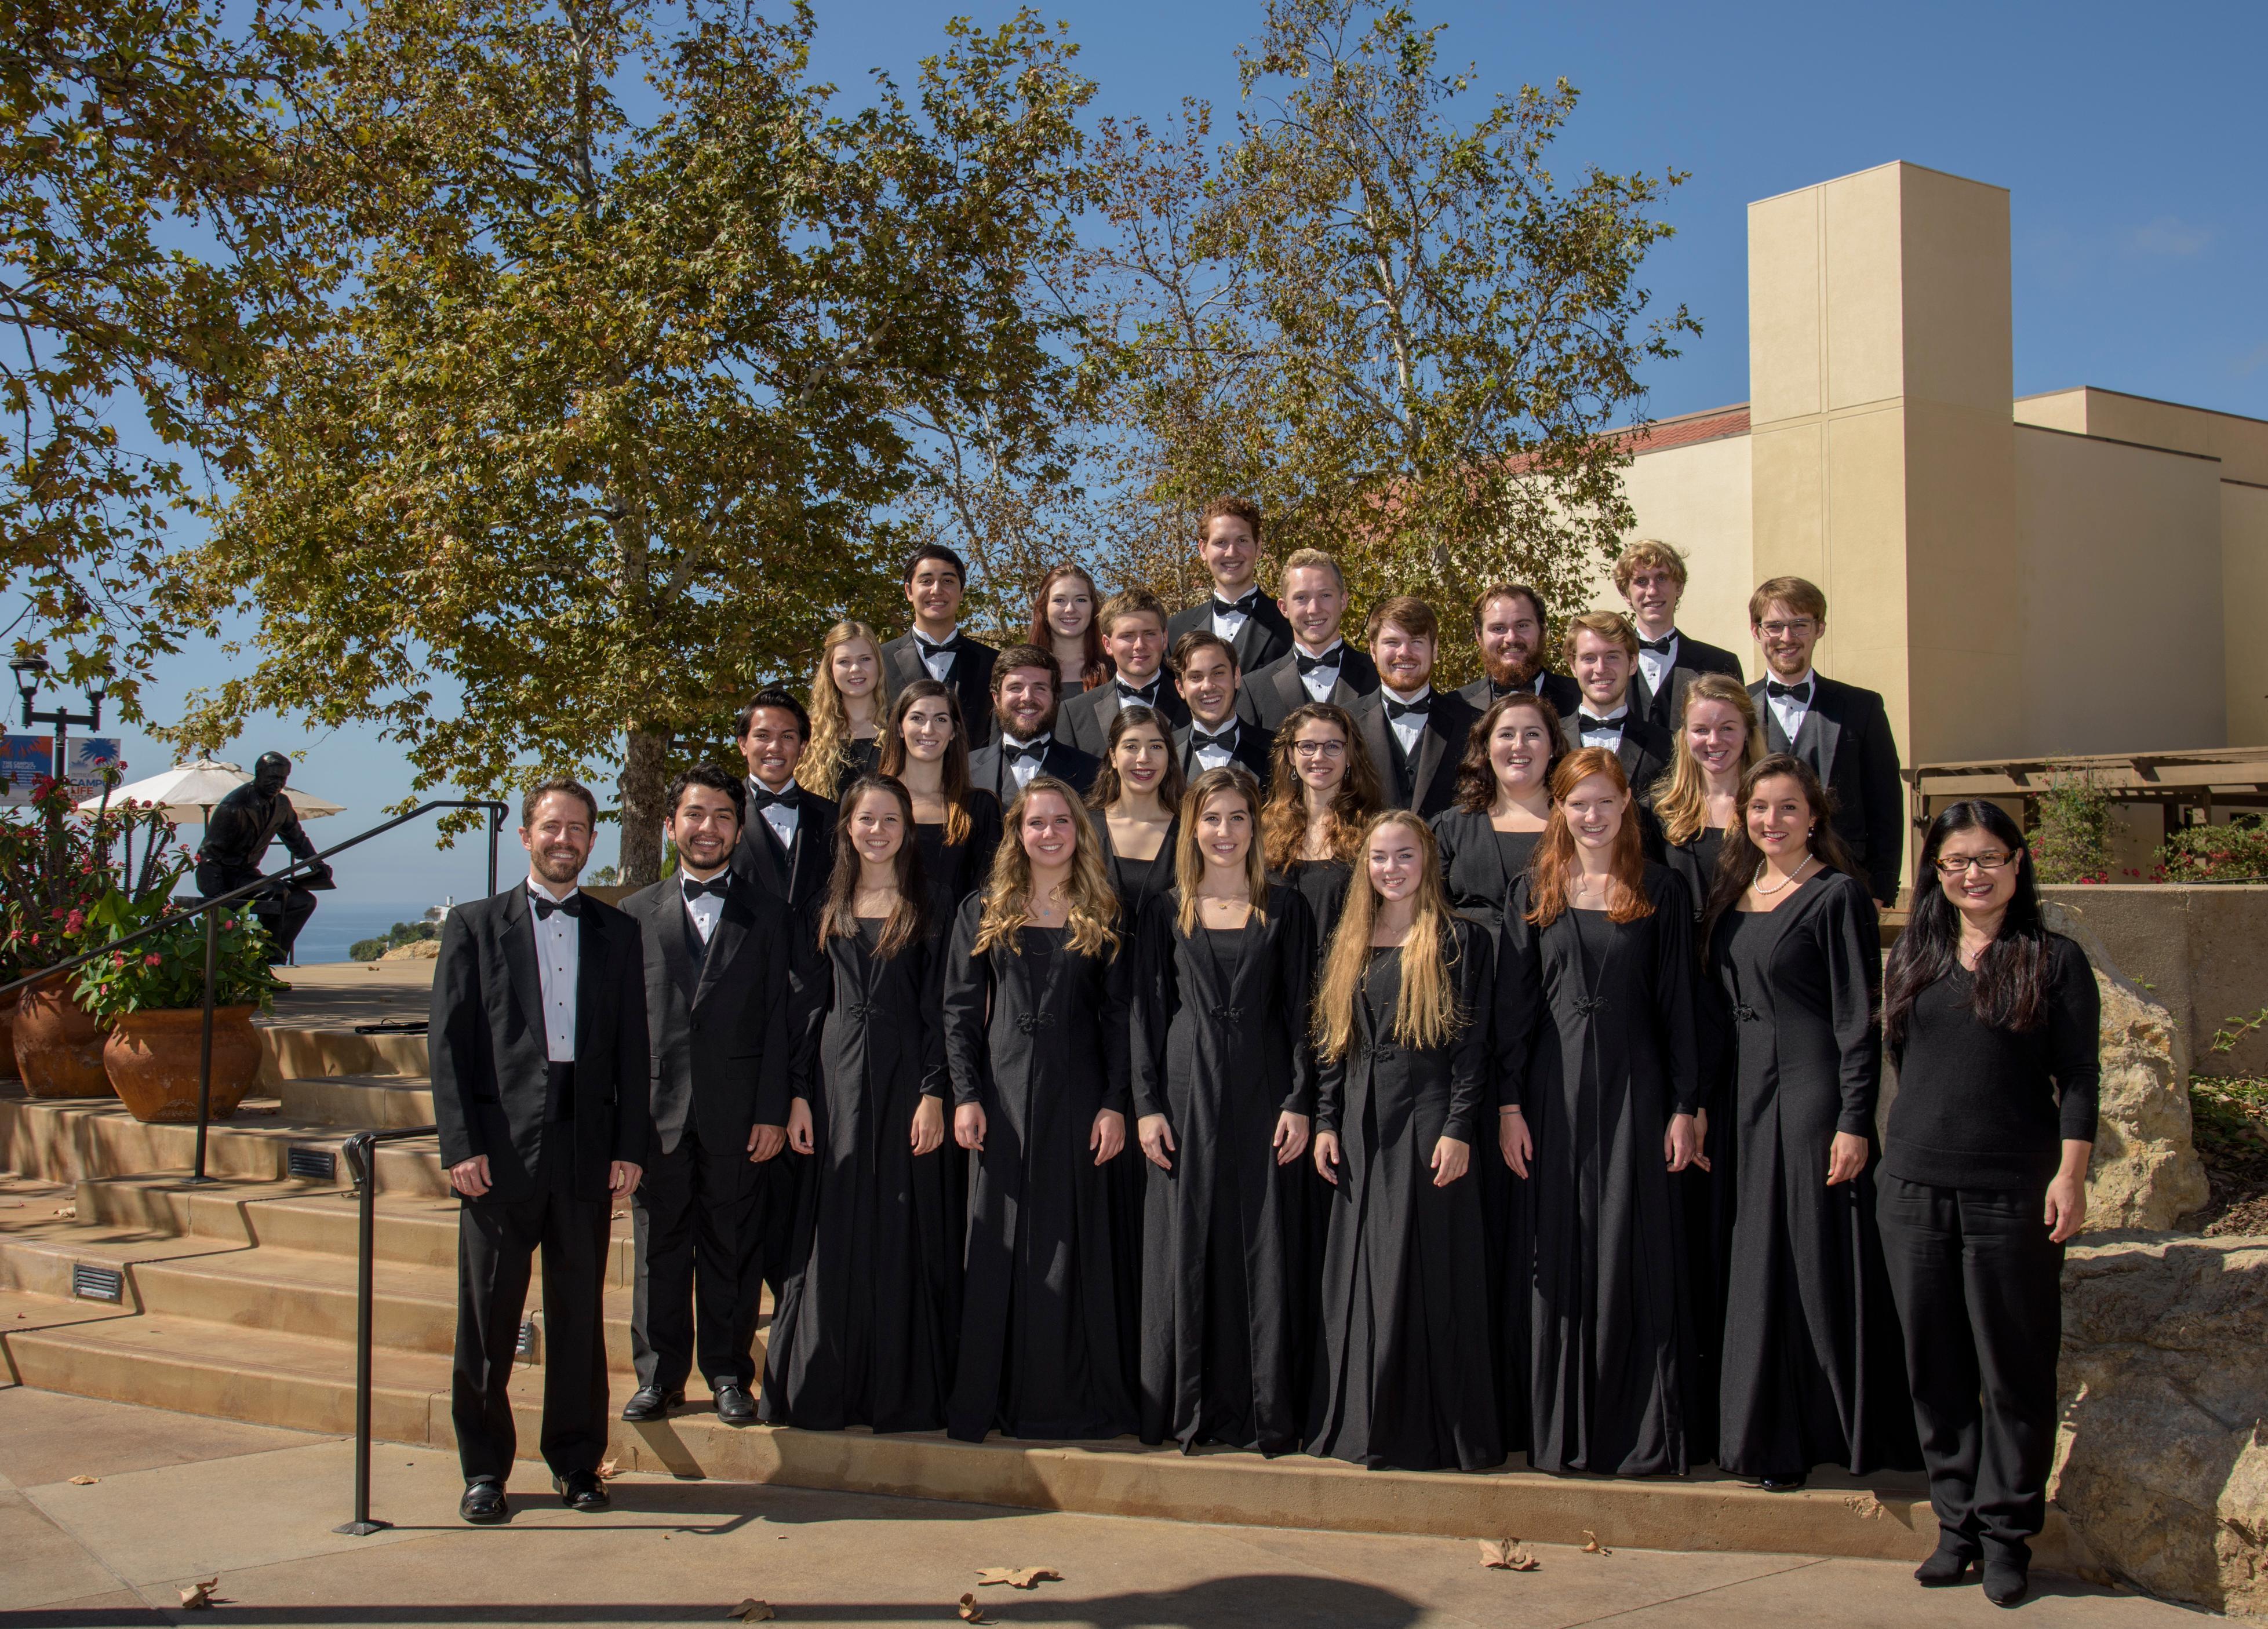 The Pepperdine Chamber Choir